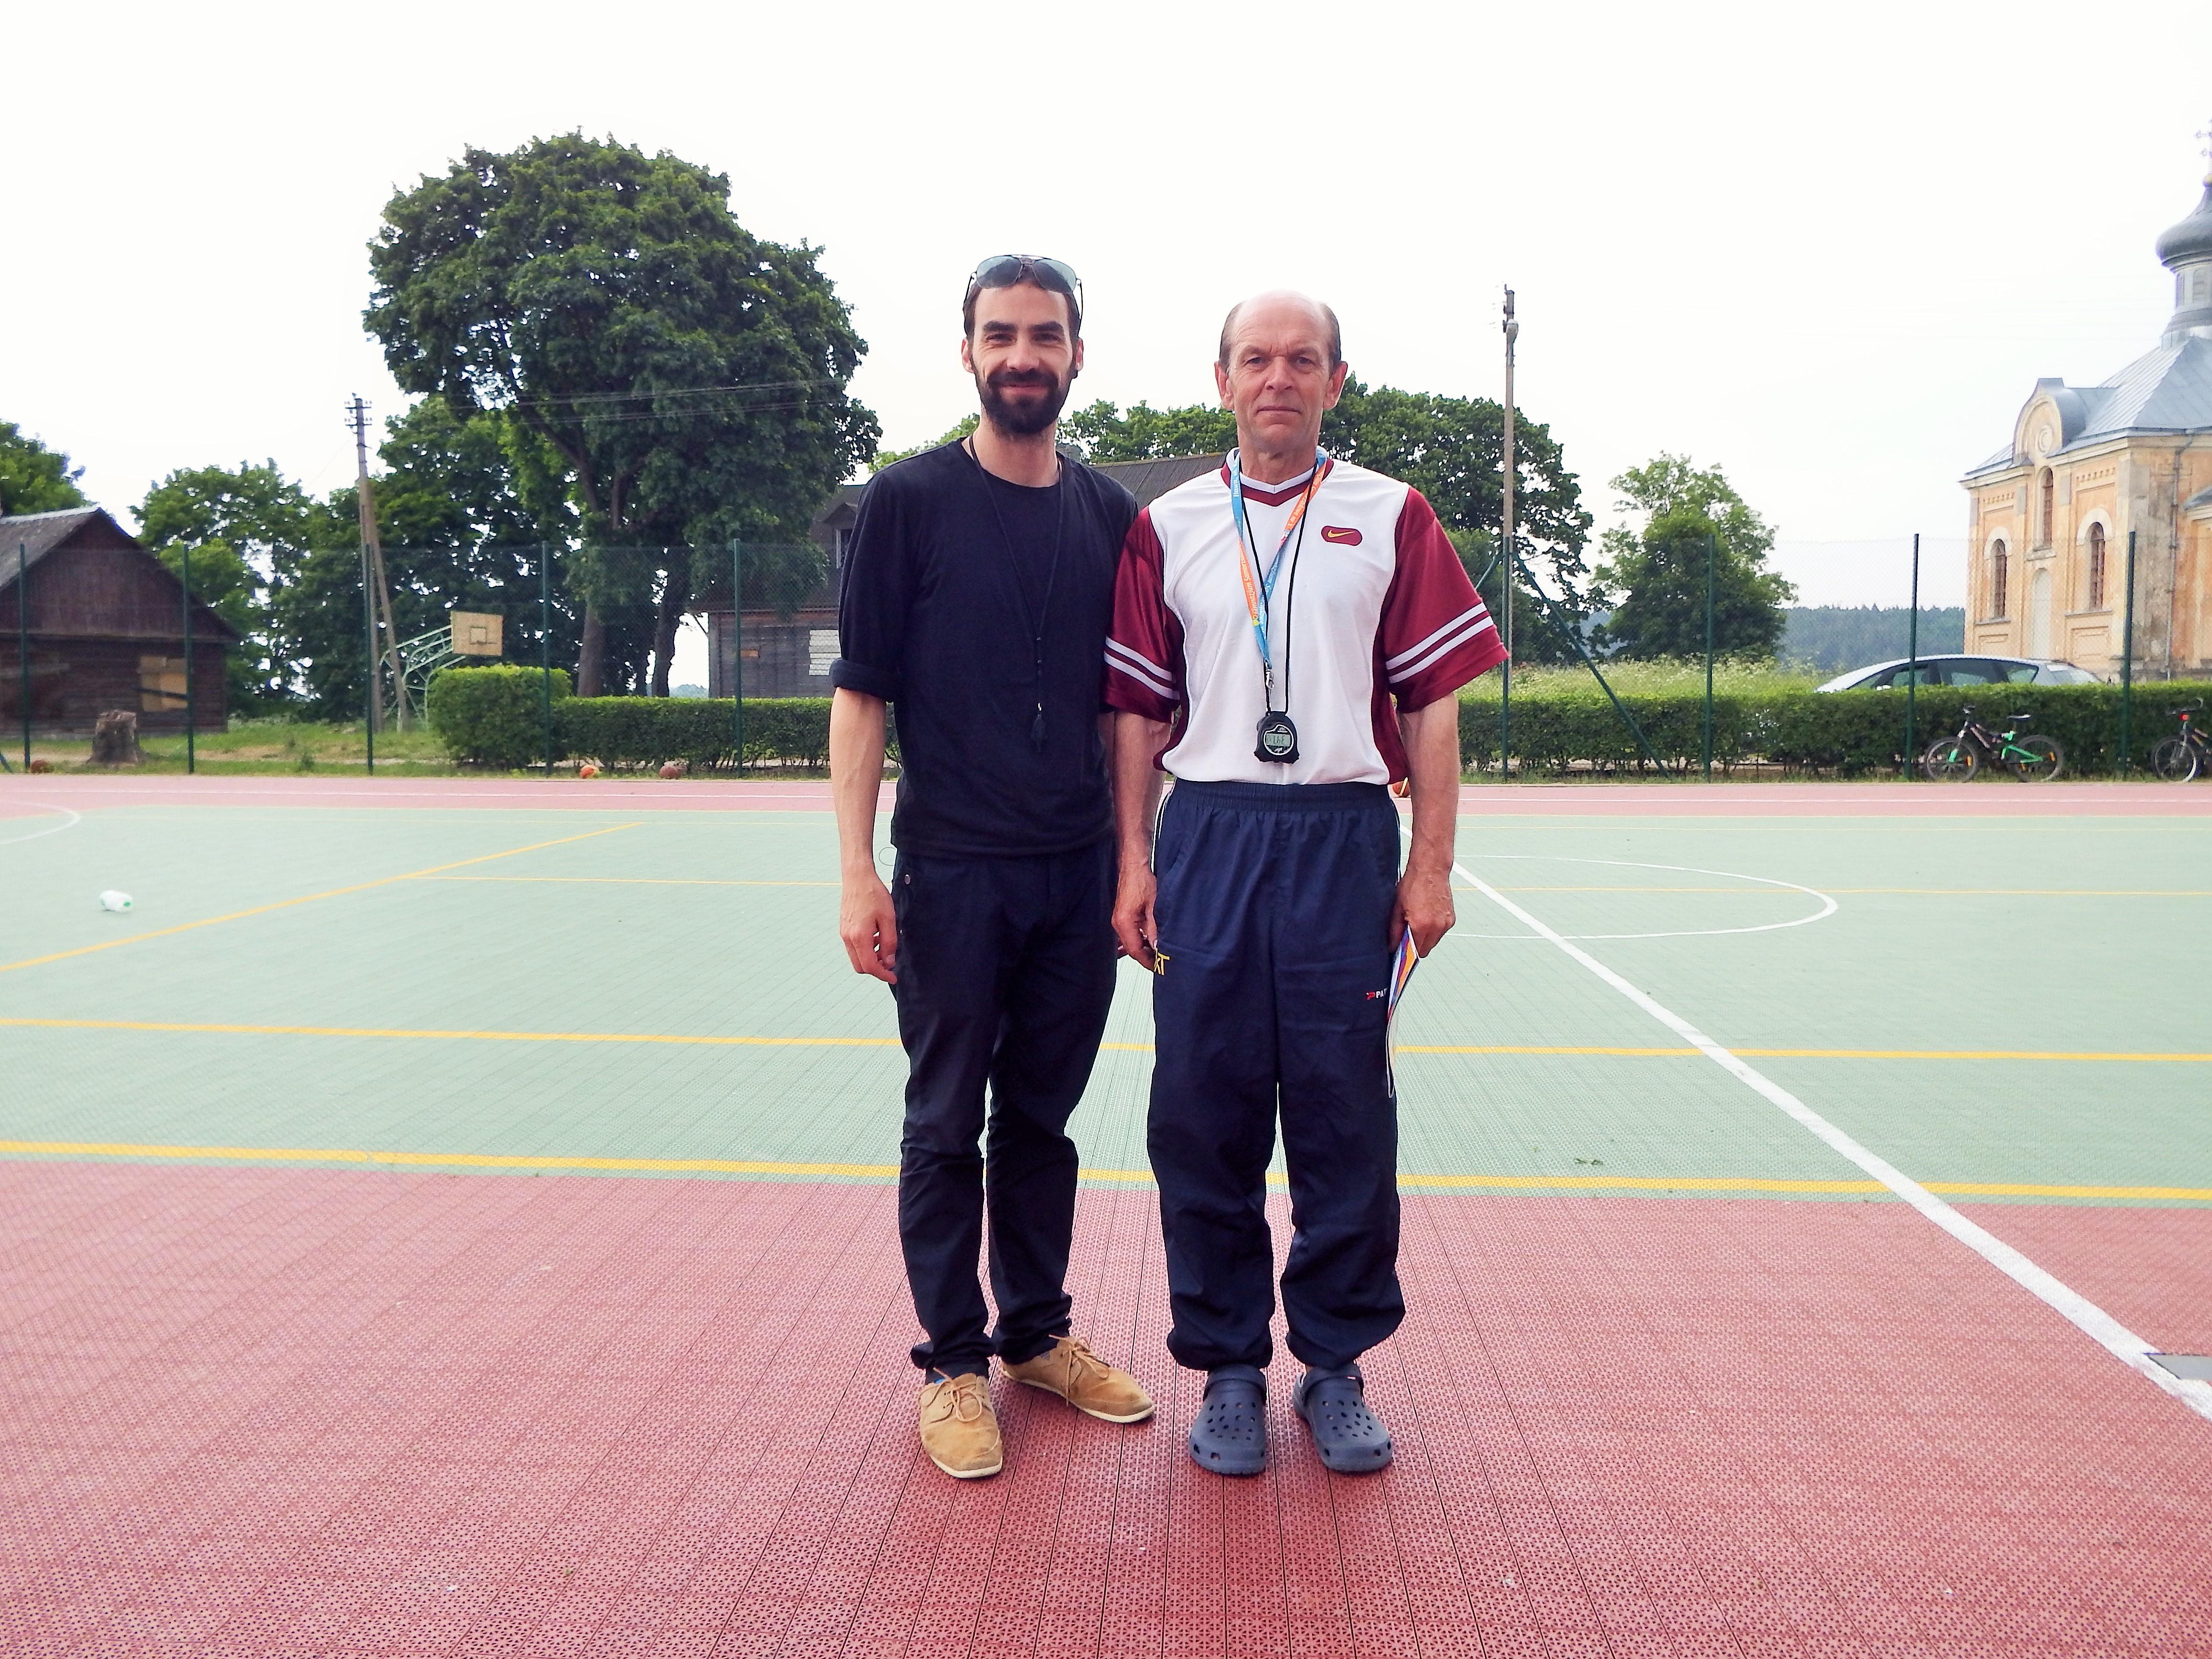 Joninių krepšinio turnyras 3×3 Semeliškėse